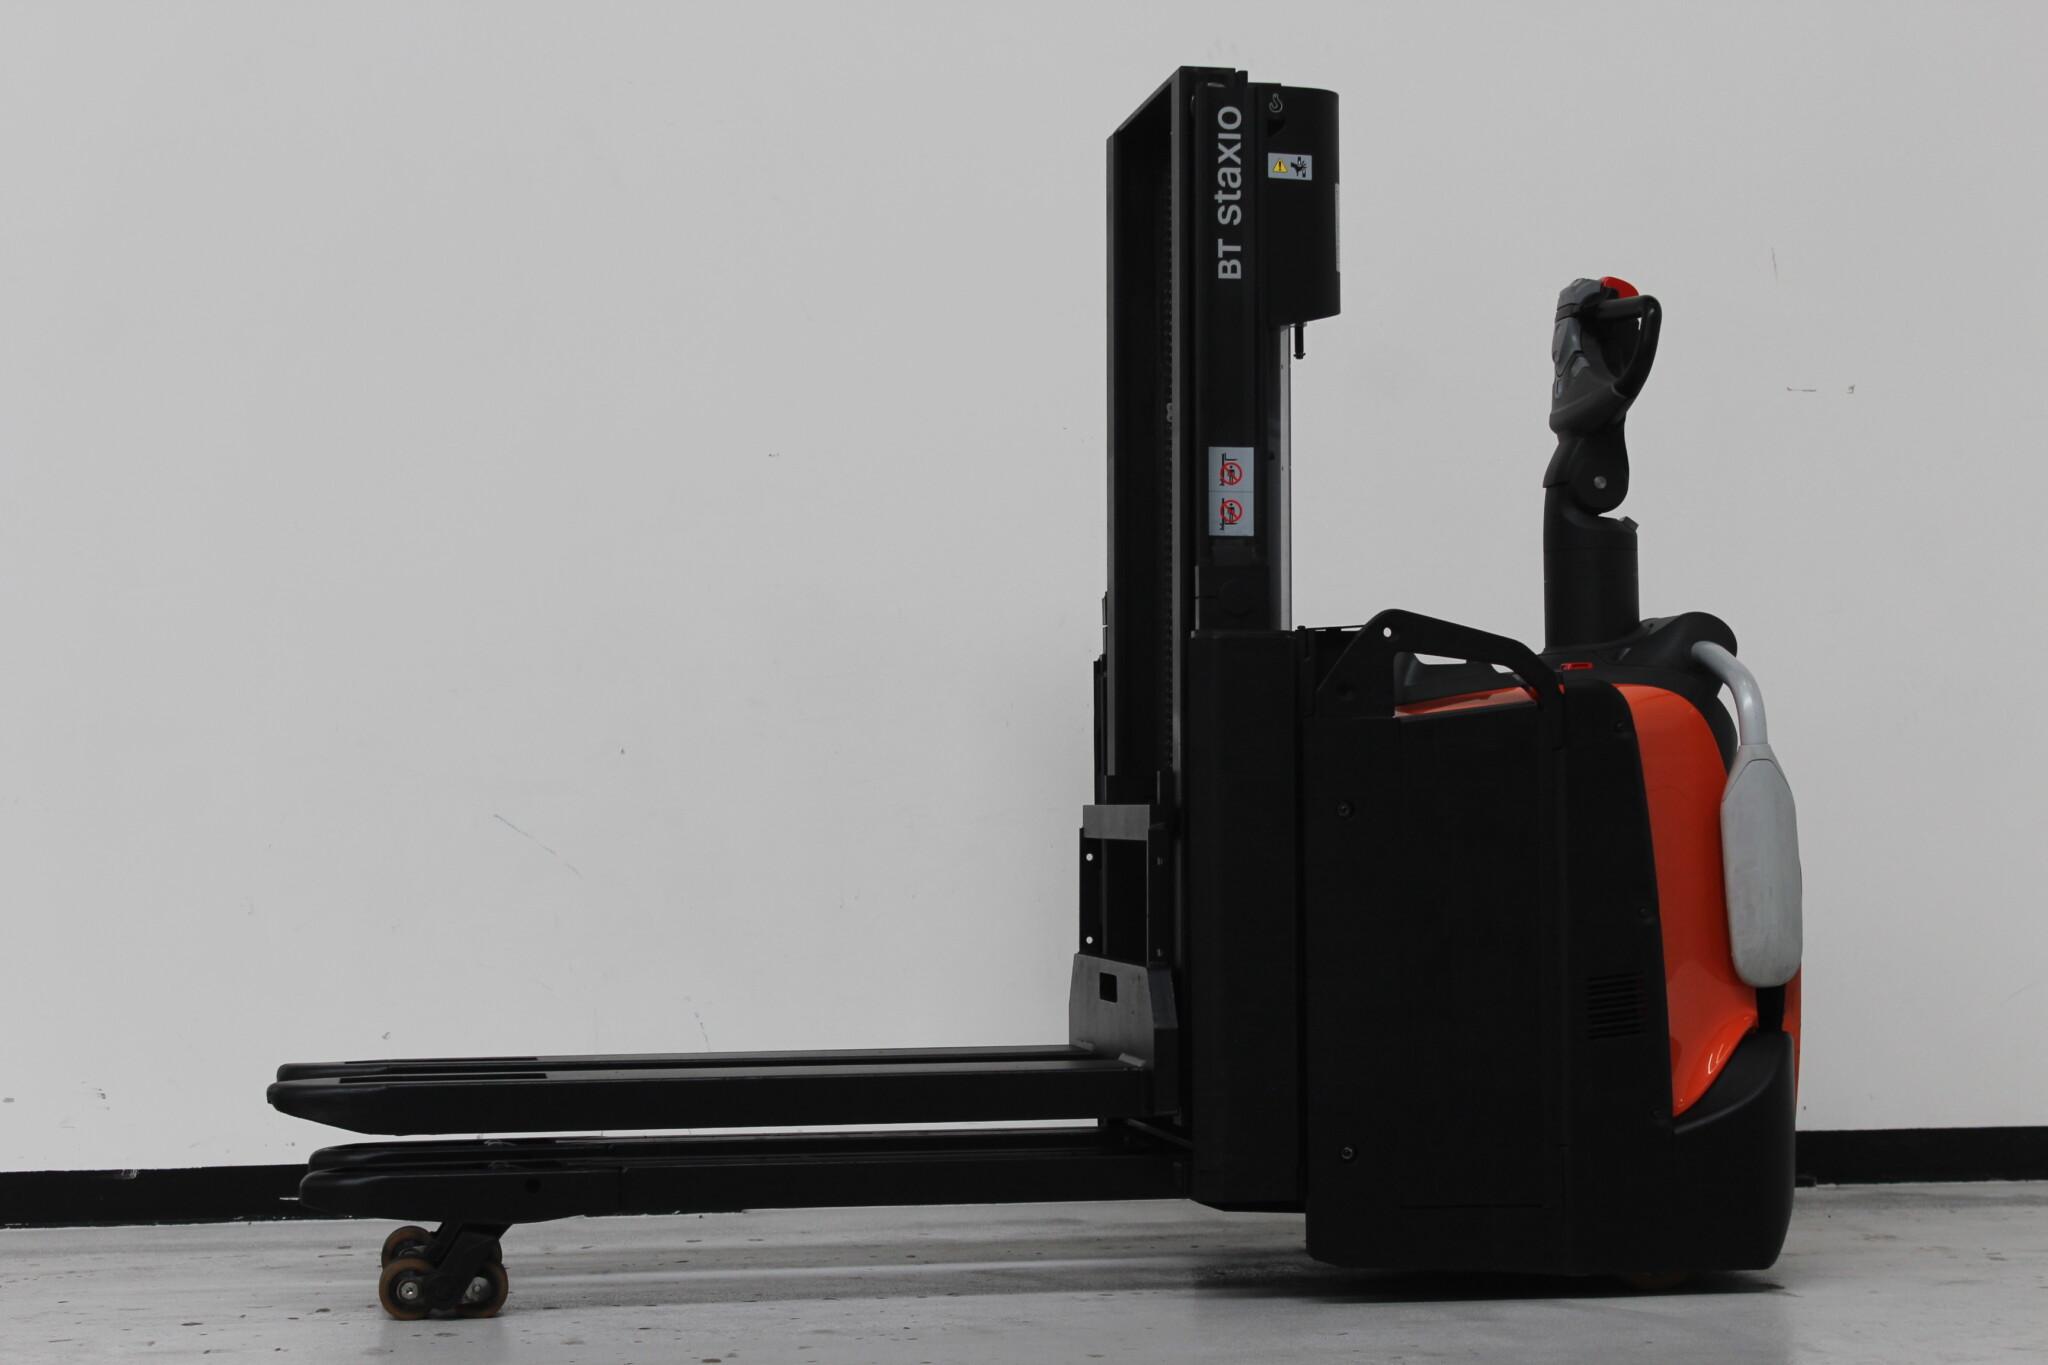 Toyota-Gabelstapler-59840 1804006938 1 scaled